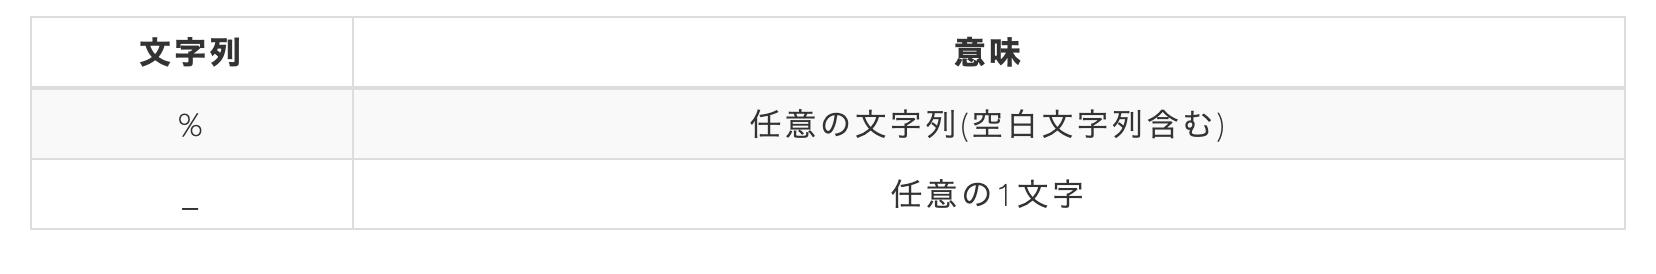 スクリーンショット 2019-05-08 16.17.16.png